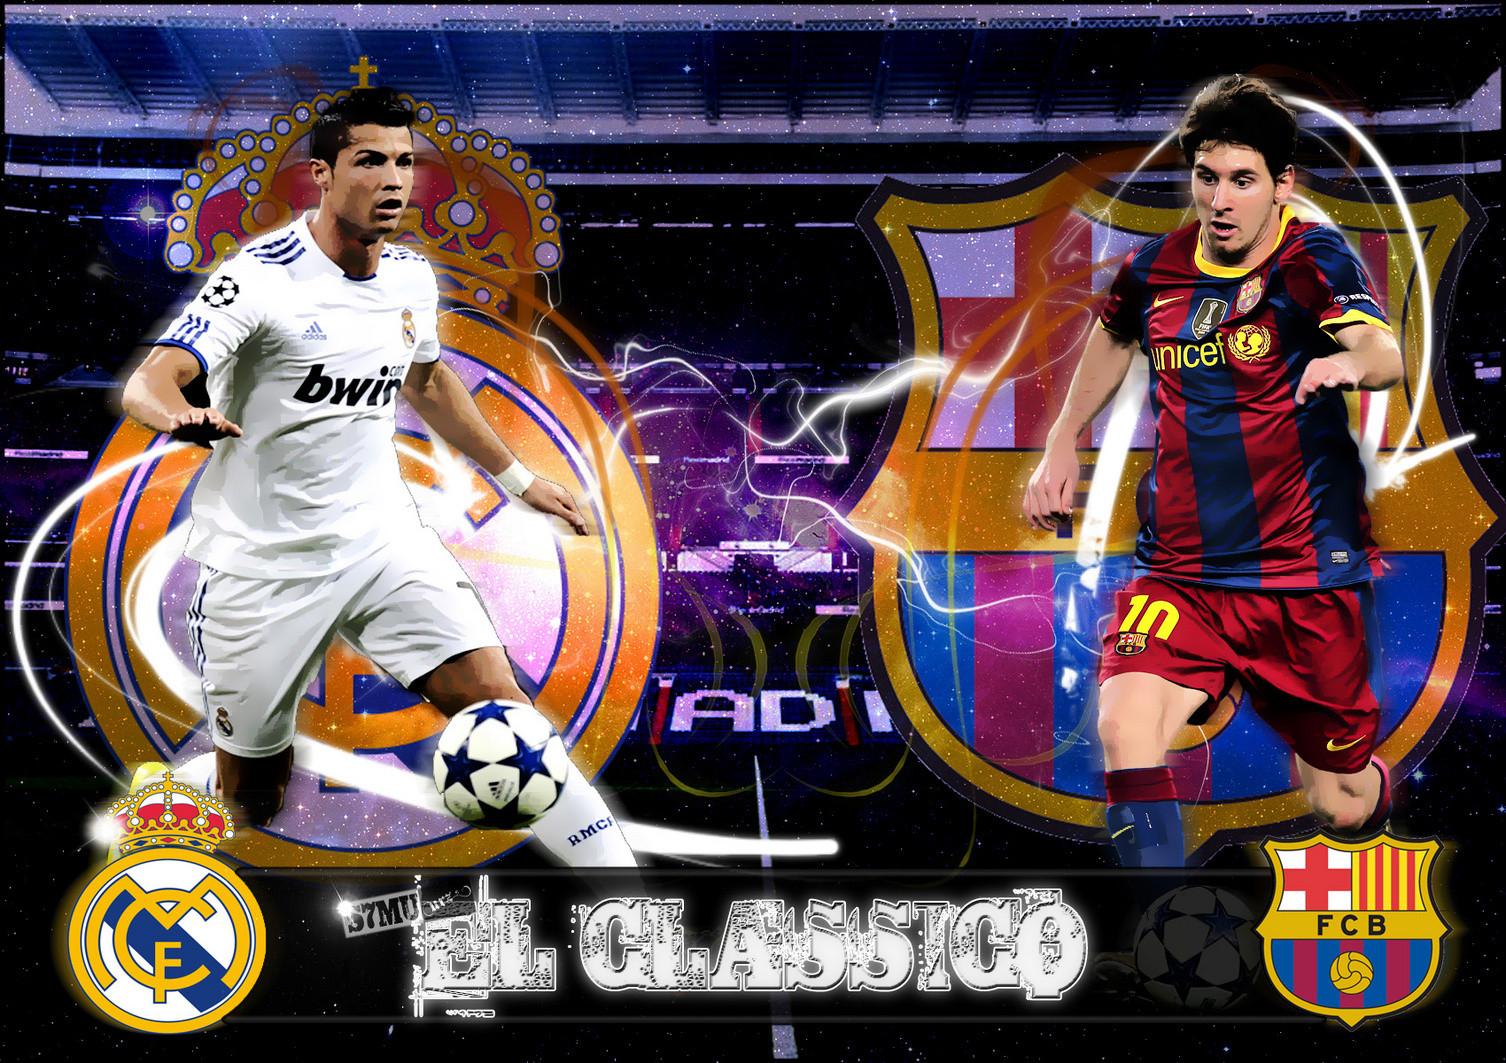 Free Download Cristiano Ronaldo Vs Lionel Messi 2015 Wallpapers